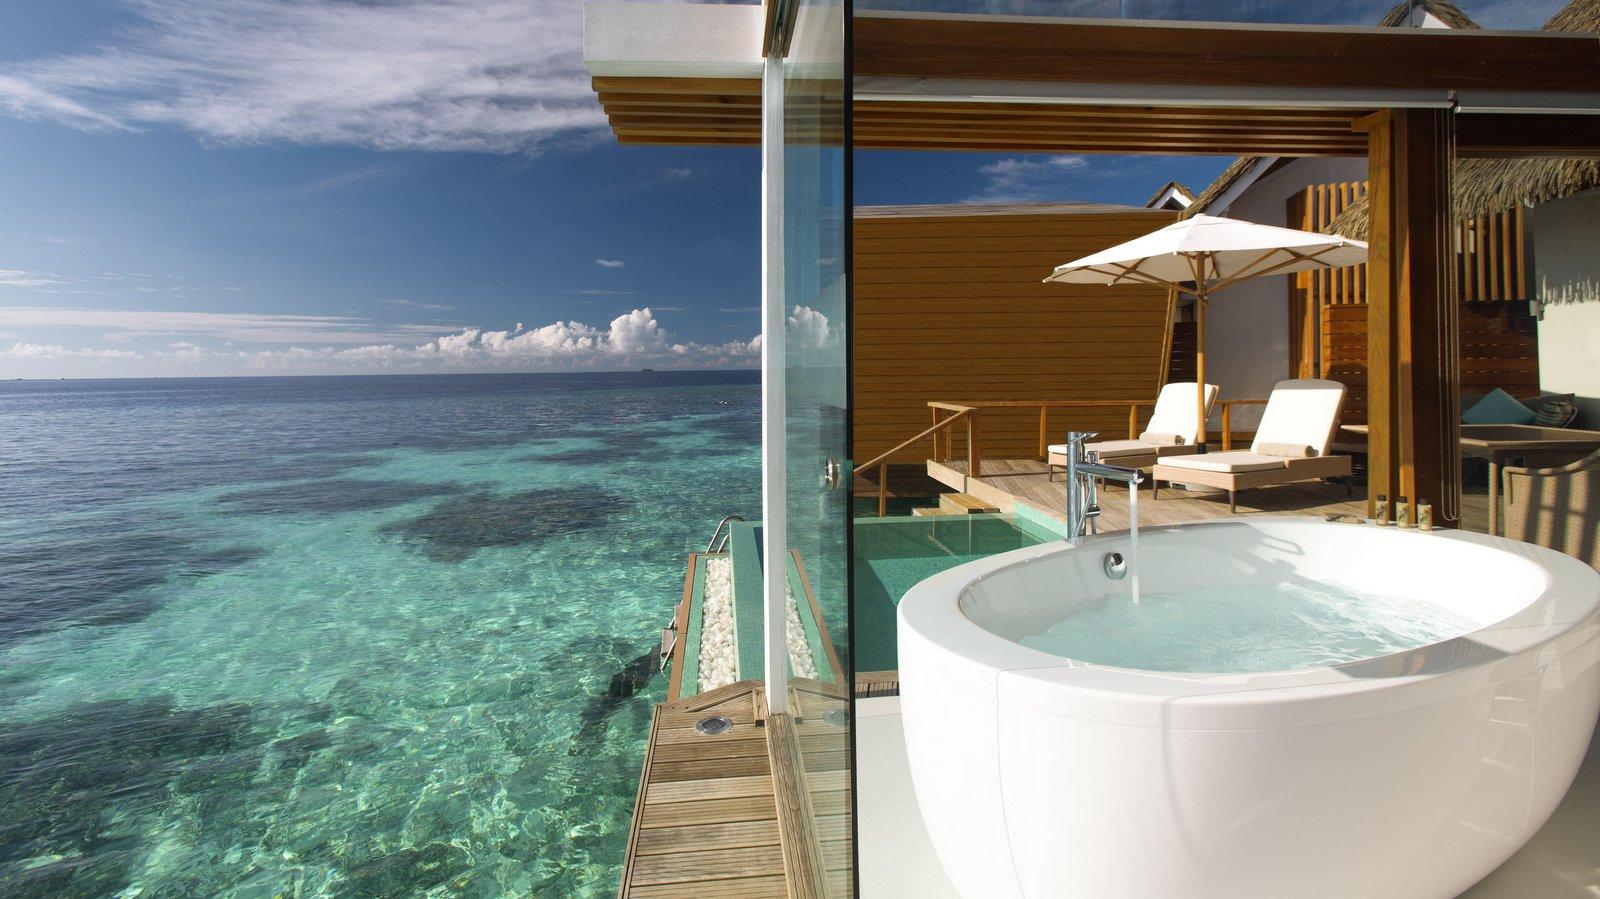 Мальдивы, отель Kandolhu Maldives, номер Ocean Pool Villa